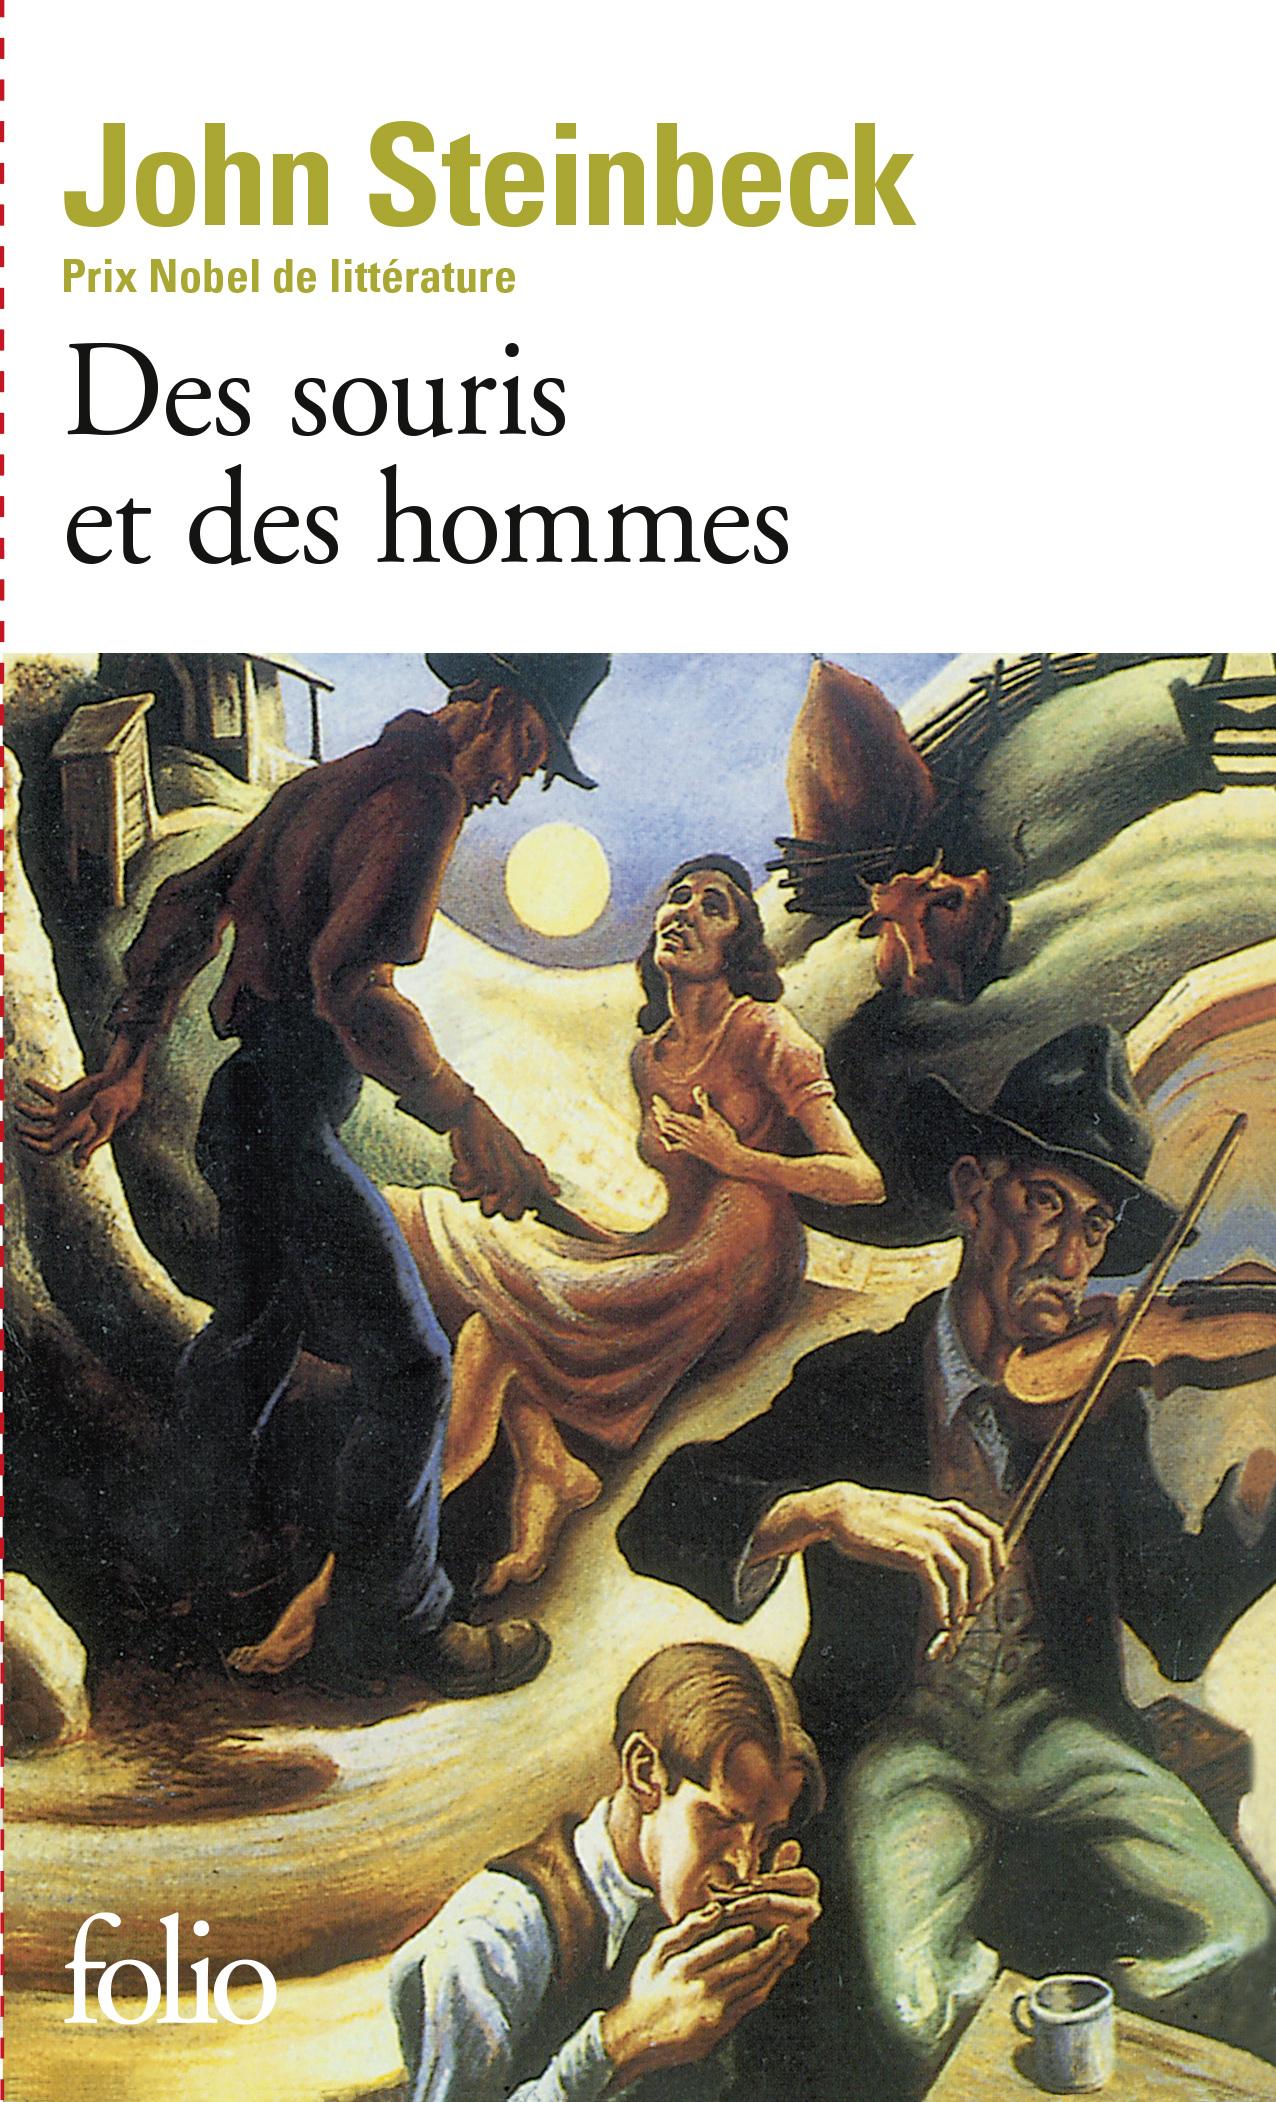 FOLIO - DES SOURIS ET DES HOMMES